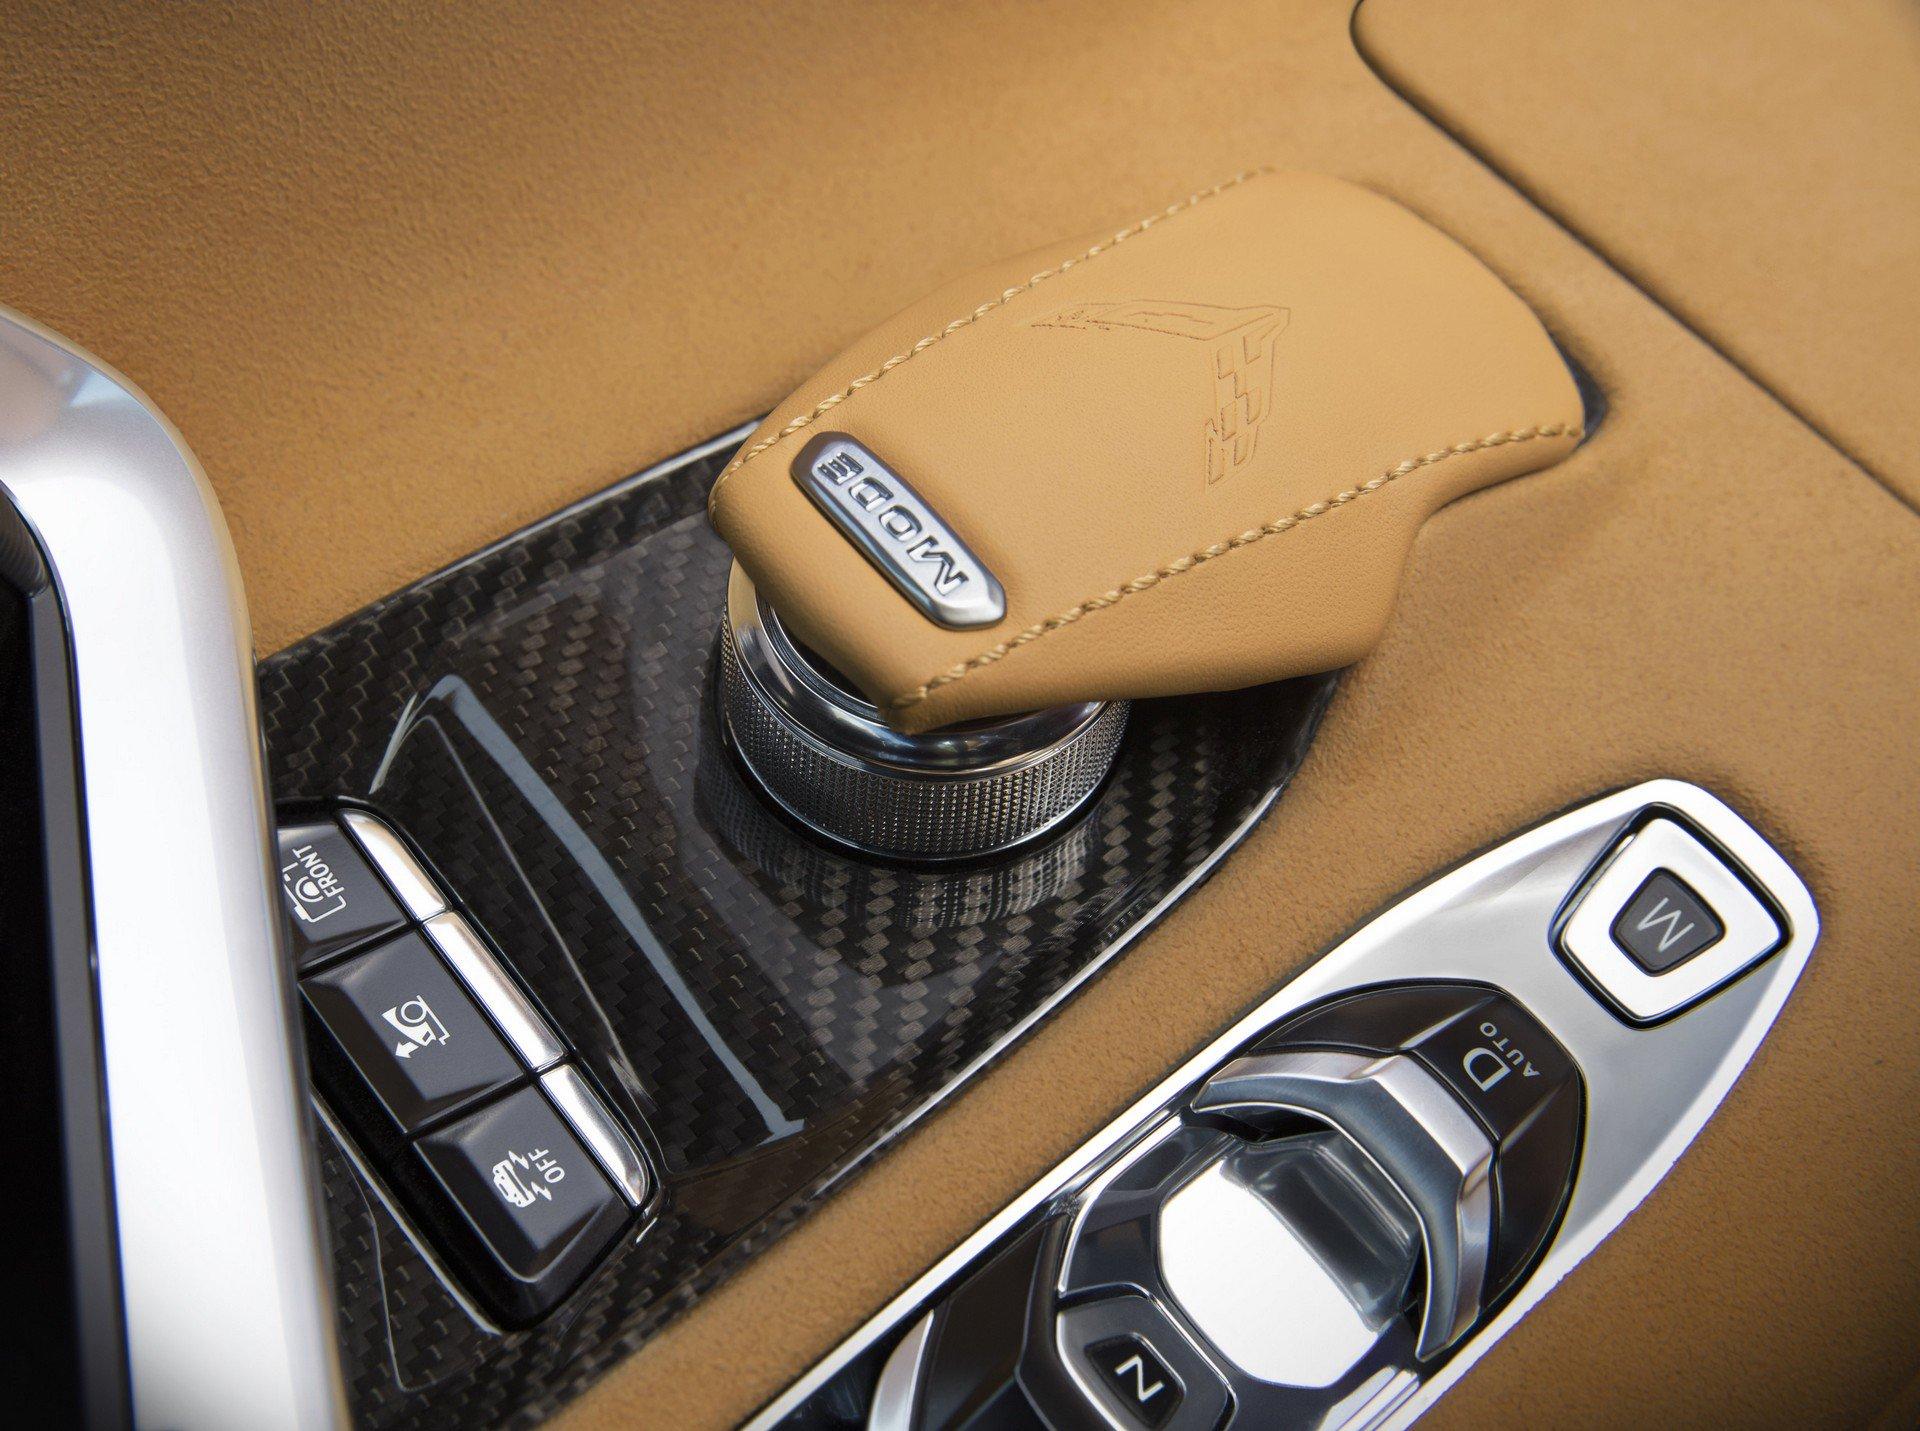 Chevrolet ra mắt Corvette C8 thế hệ mới thiết kế táo bạo, động cơ đặt giữa - 2